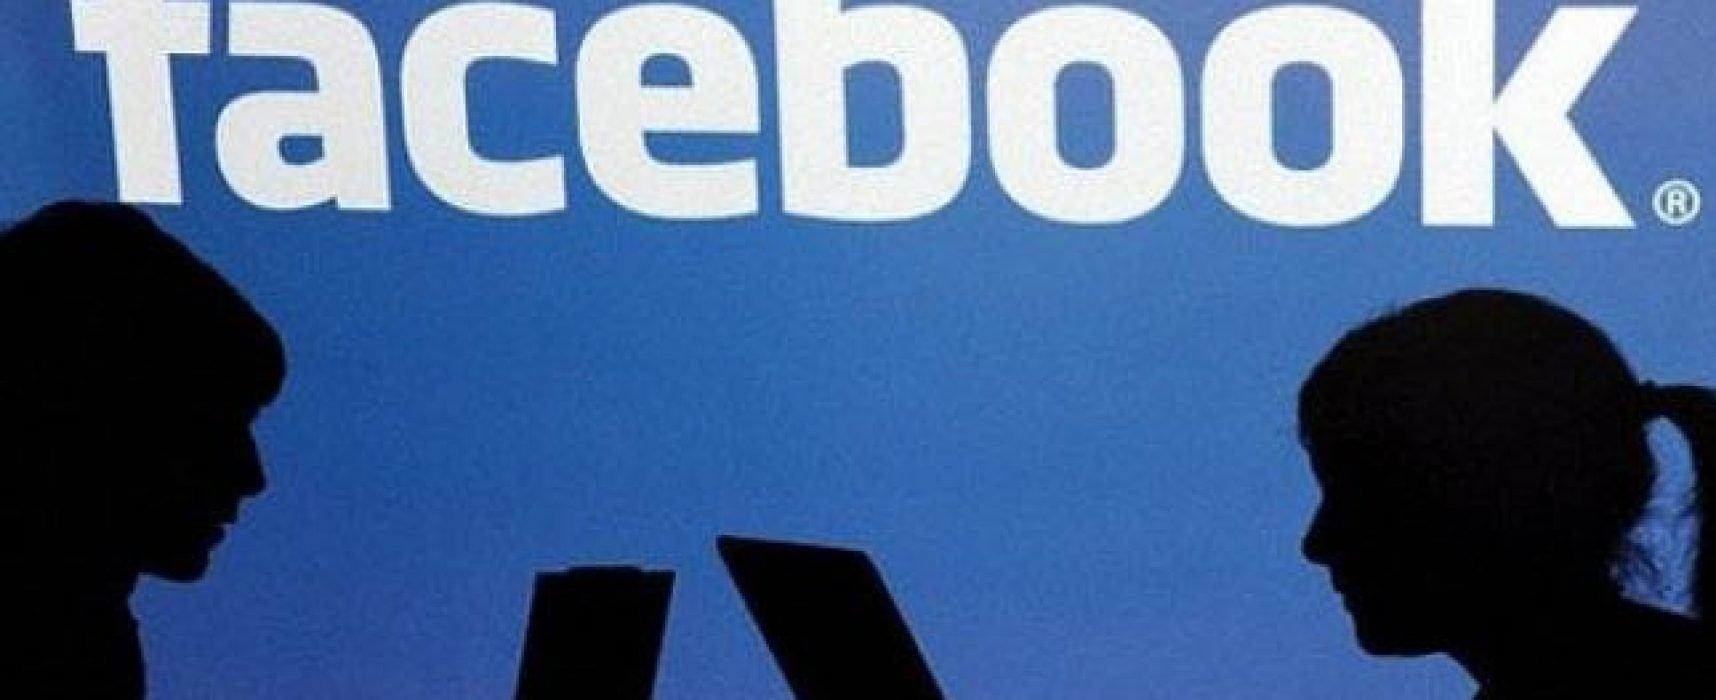 Facebook rozpoczął identyfikację dezinformacji na zdjęciach i w materiałach wideo